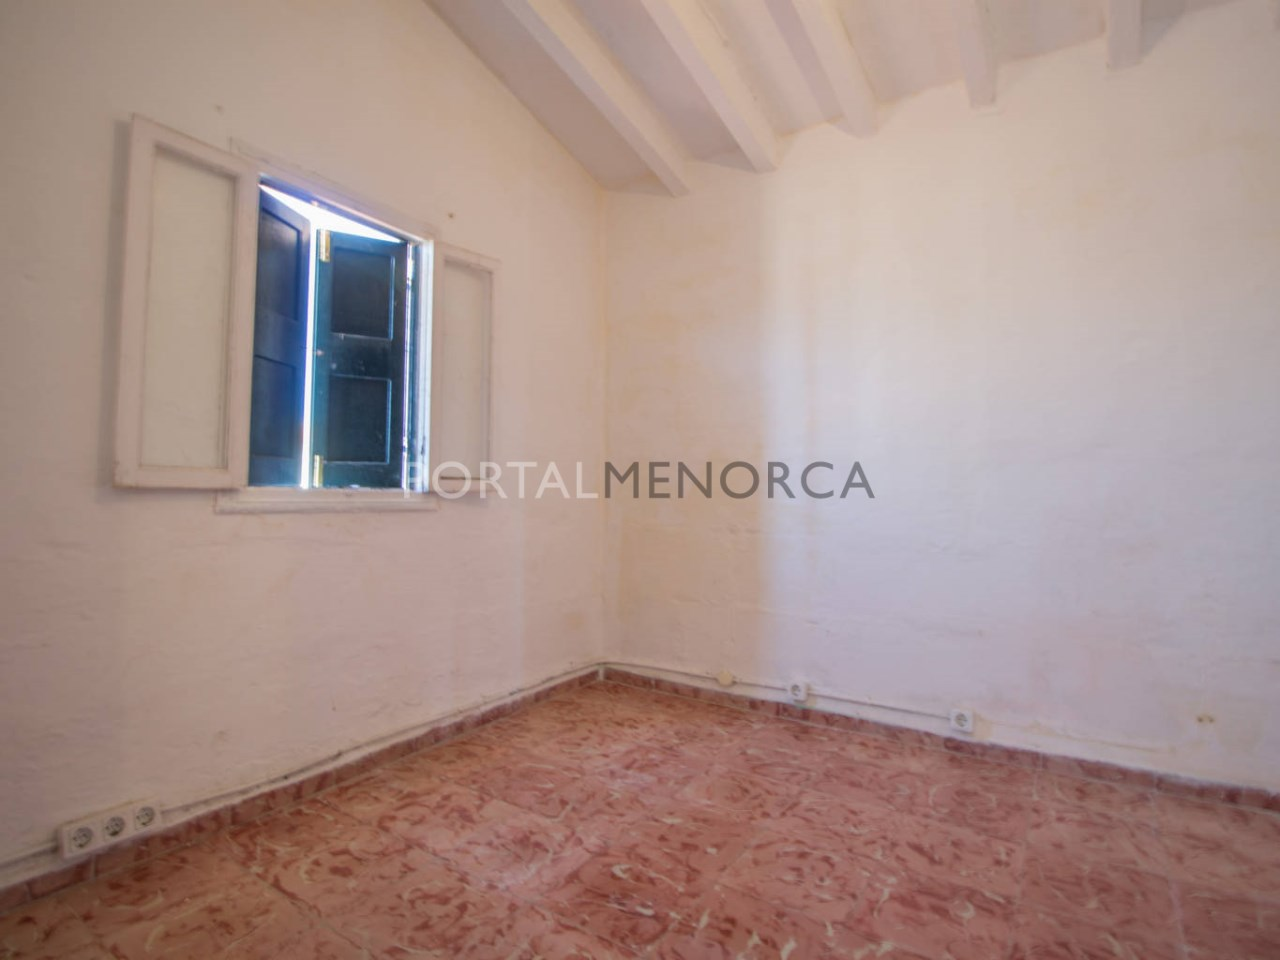 Re_ 7 habitaciones y dormitorios plnata piso (5)